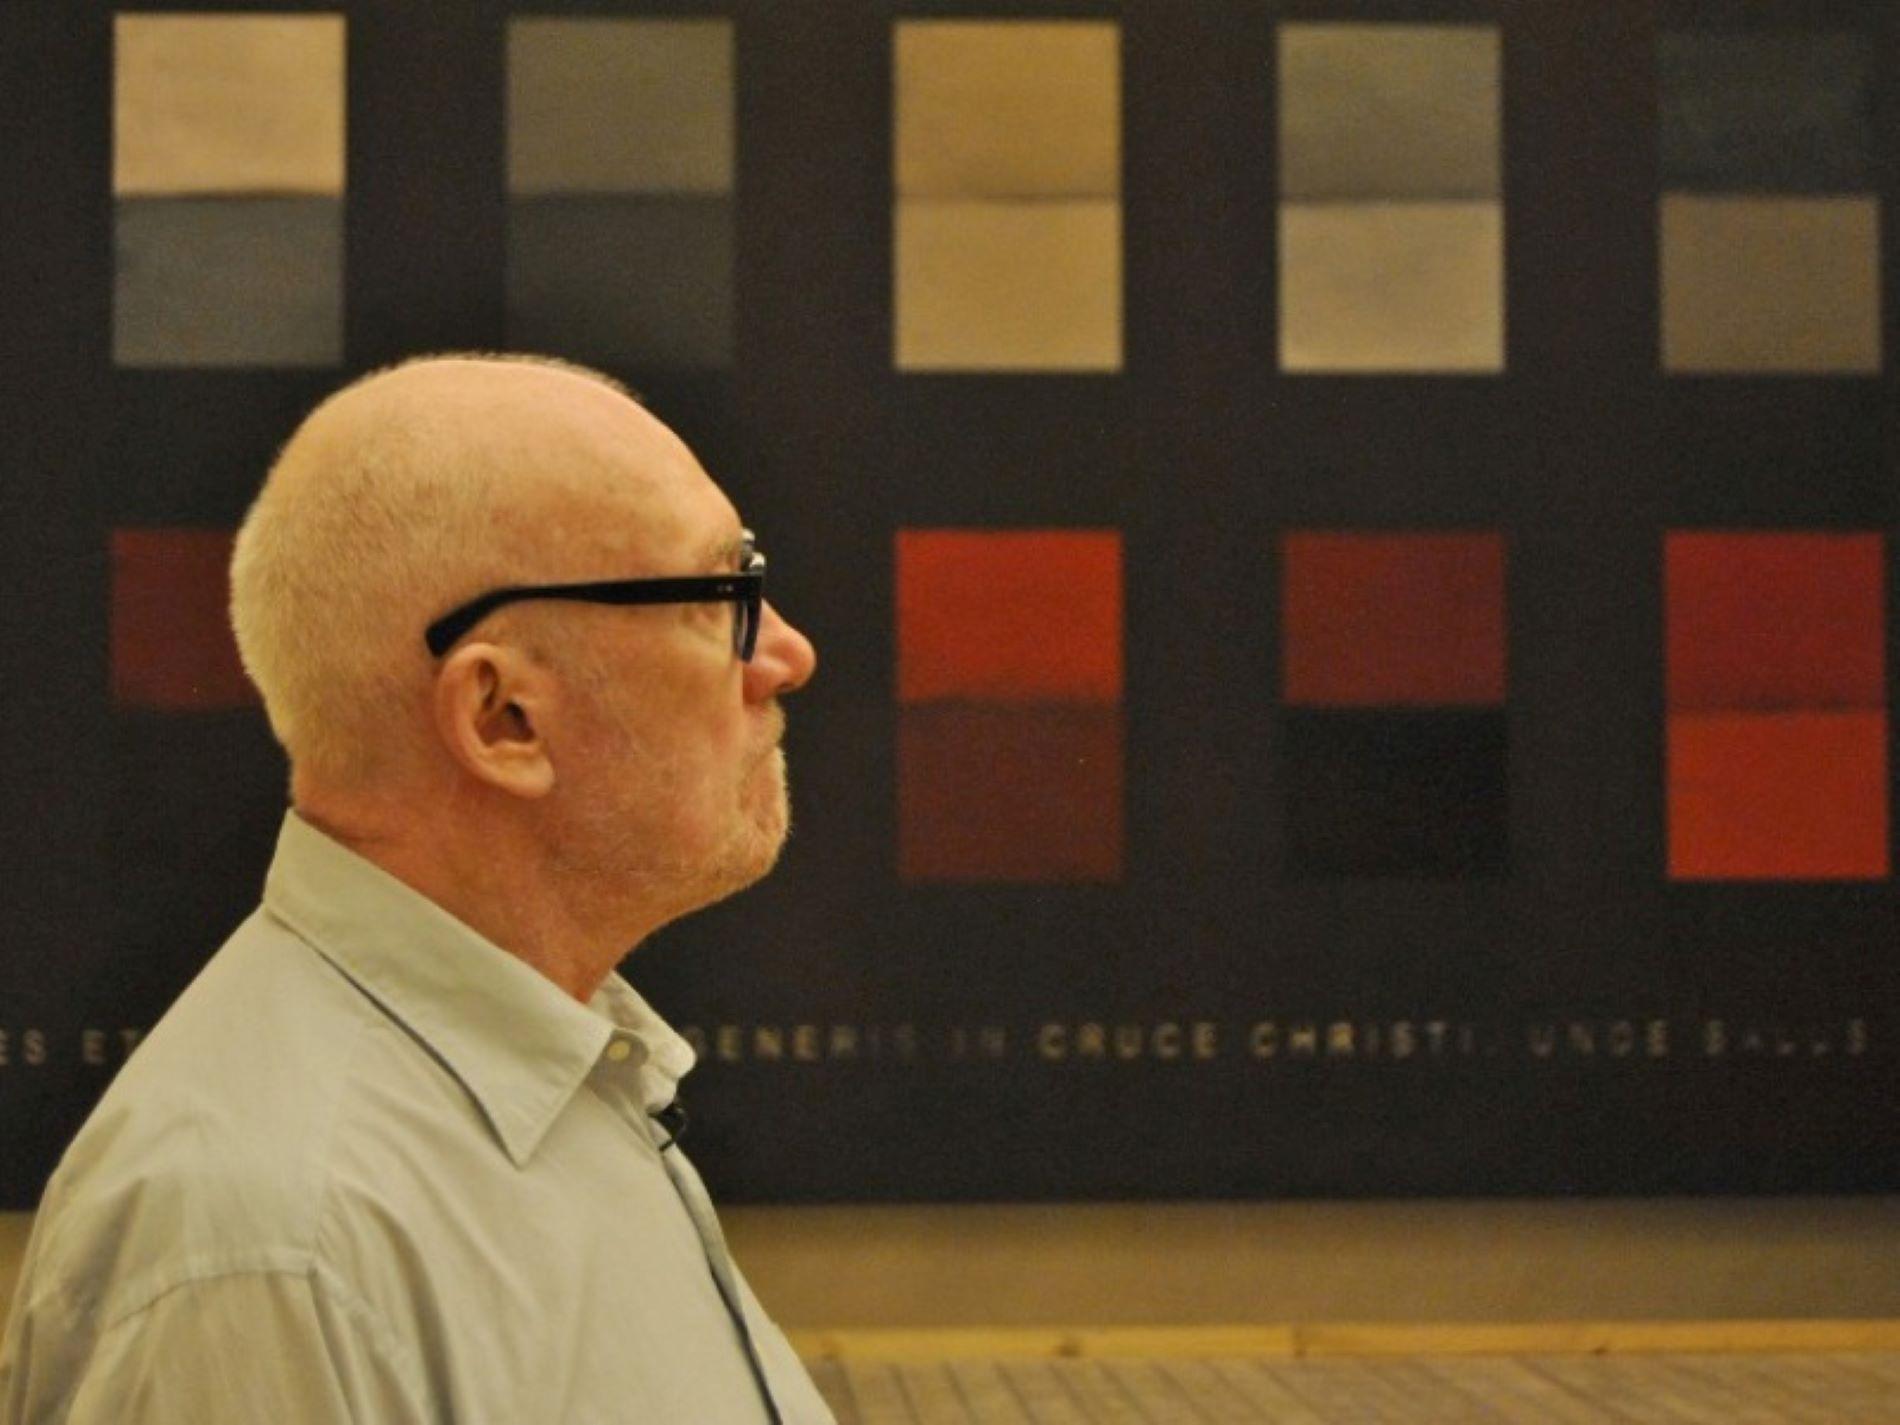 Les obres del polèmic artista catalanòfob Sean Scully es queden a Catalunya